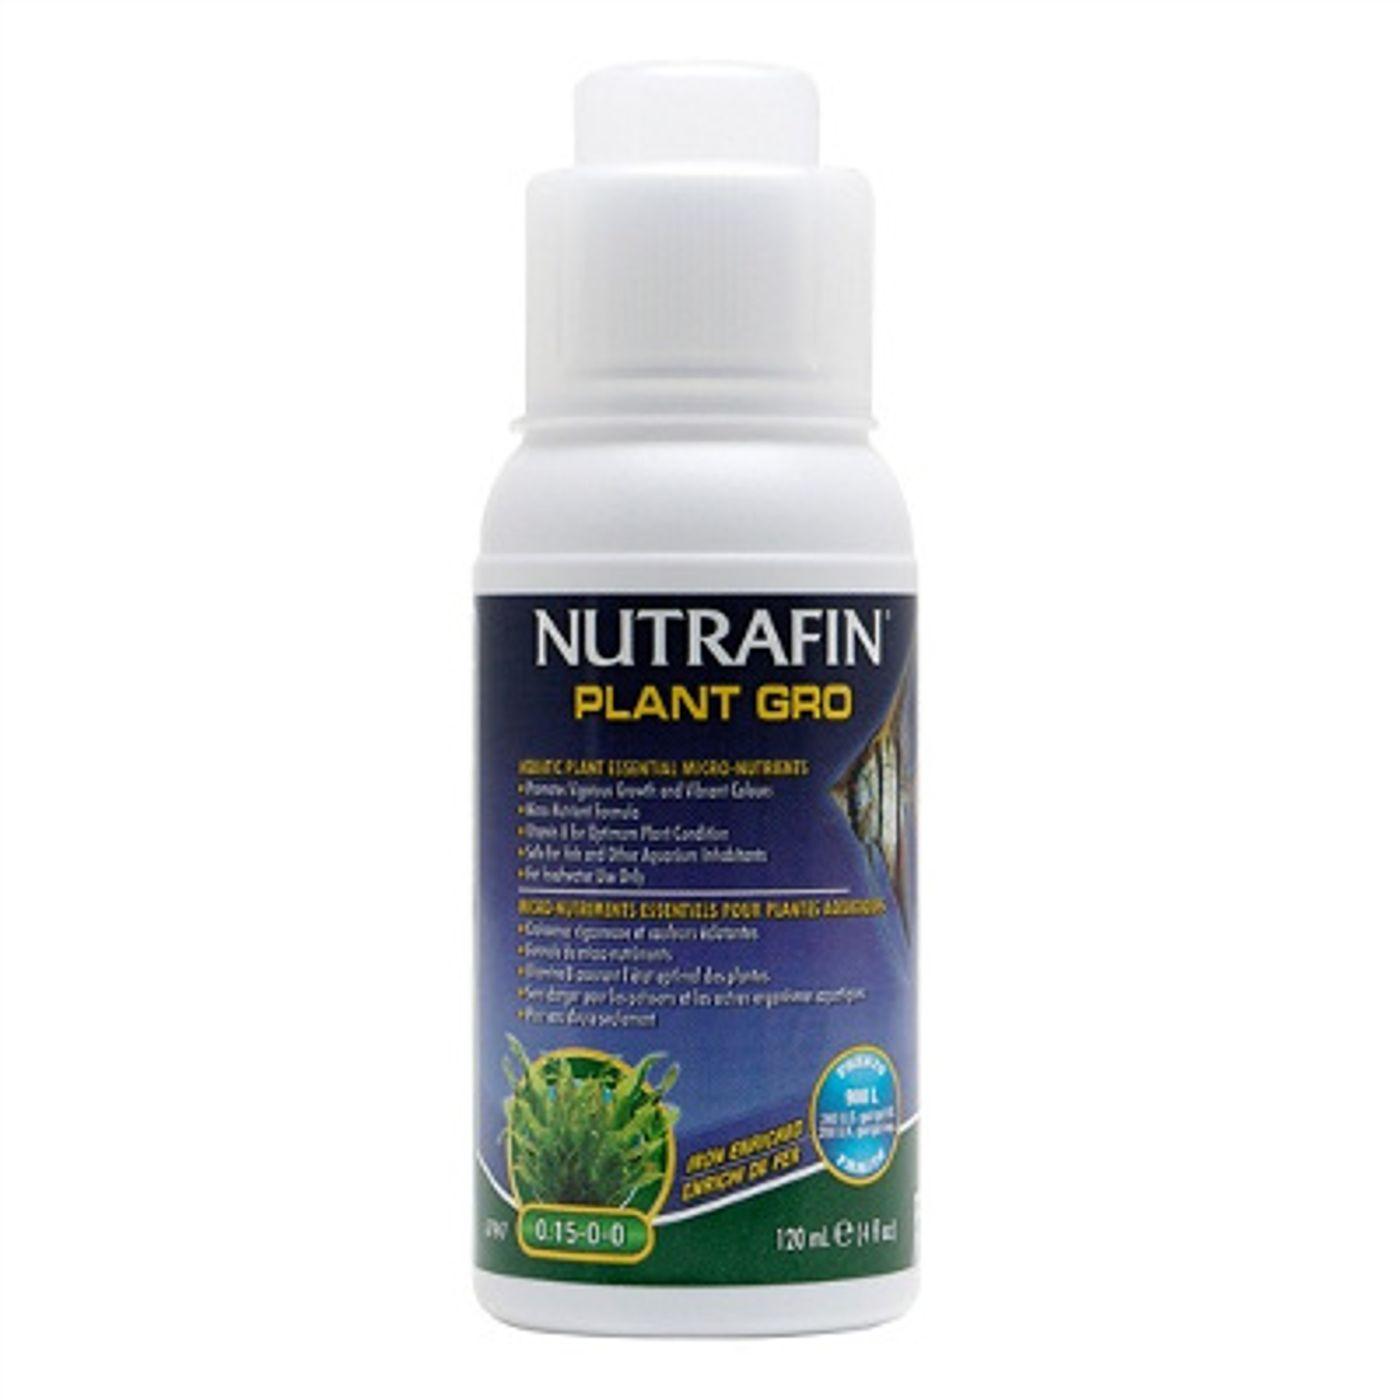 NUTRAFIN-Adubo-Plant-Gro-c--Ferro--120ml-